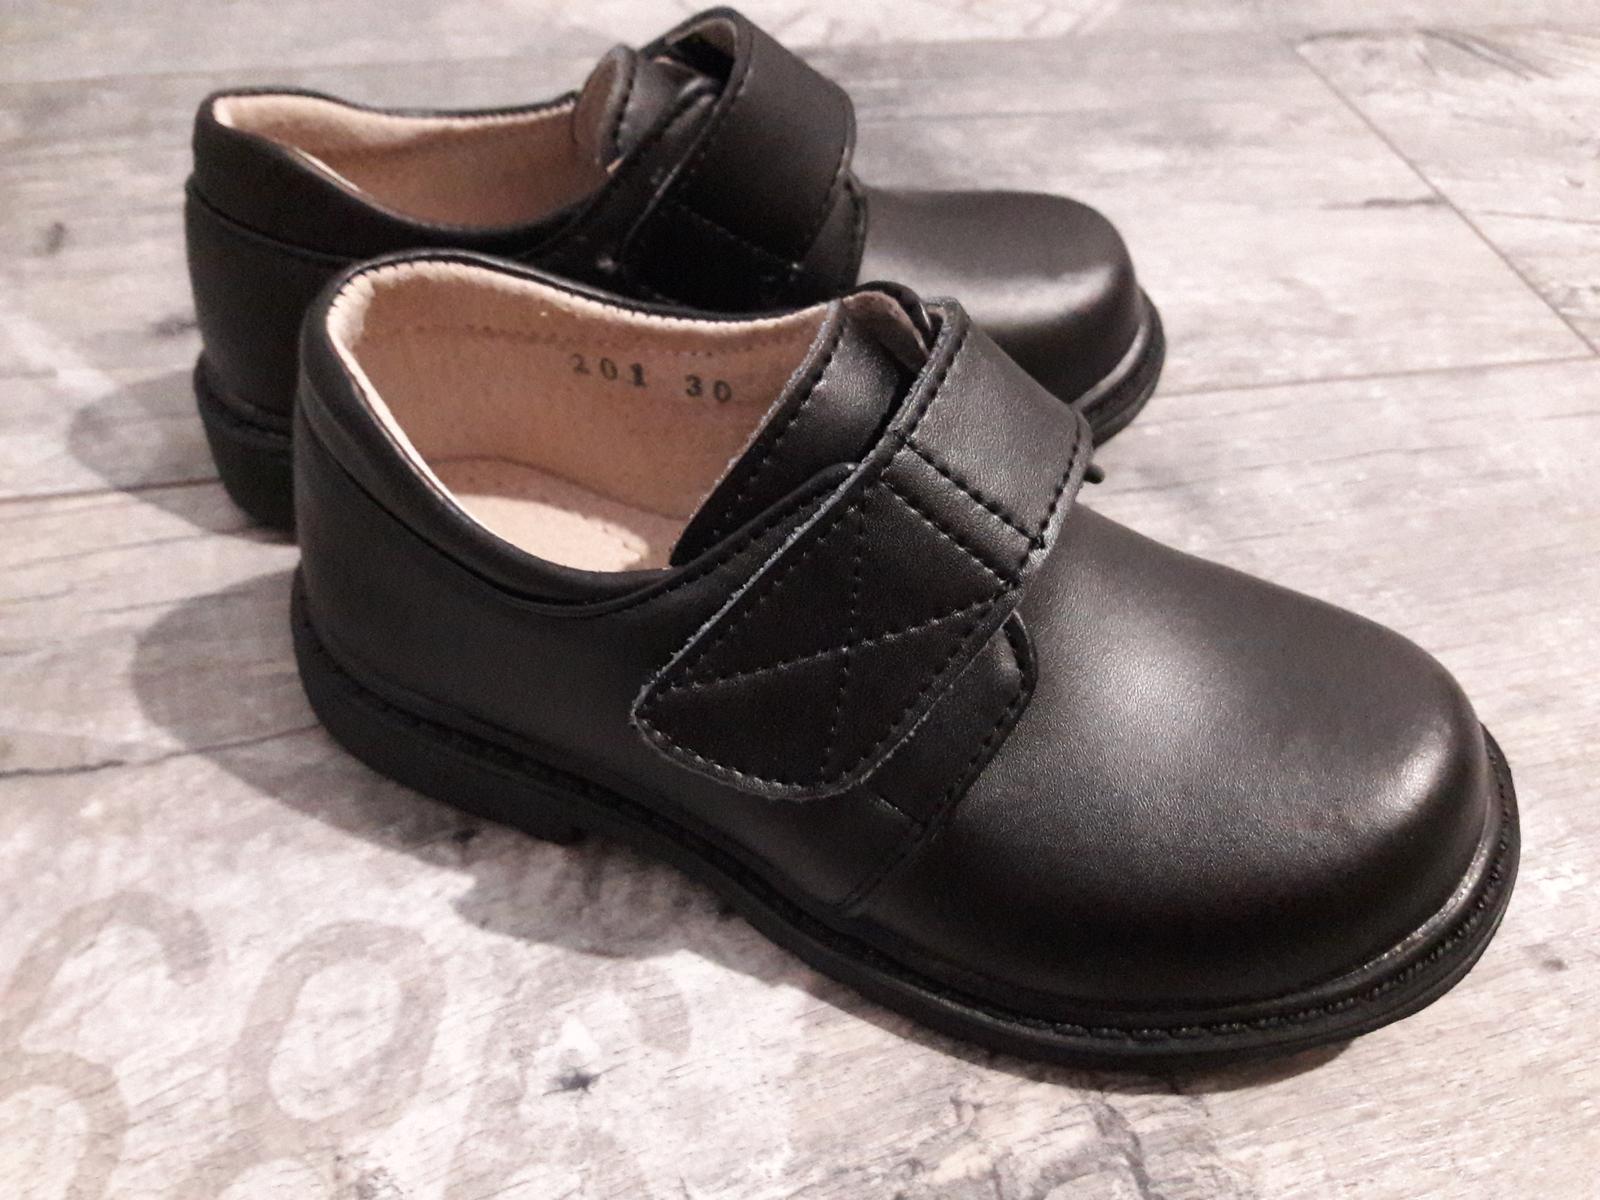 Chlapecká svatební, společenská obuv, NENOŠENÉ  - Obrázek č. 1